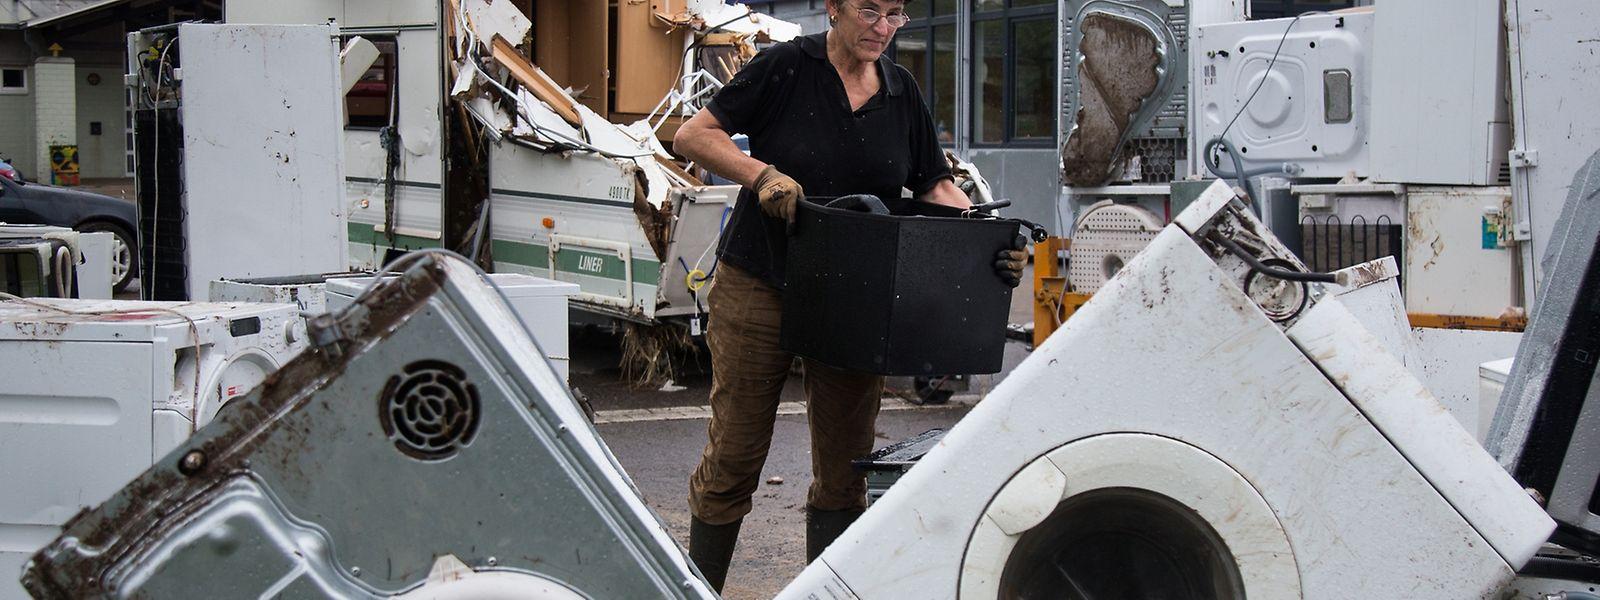 Bevor Elektrogeräte weggeworfen werden, sollte man unbedingt ein Foto für die Versicherung davon machen.